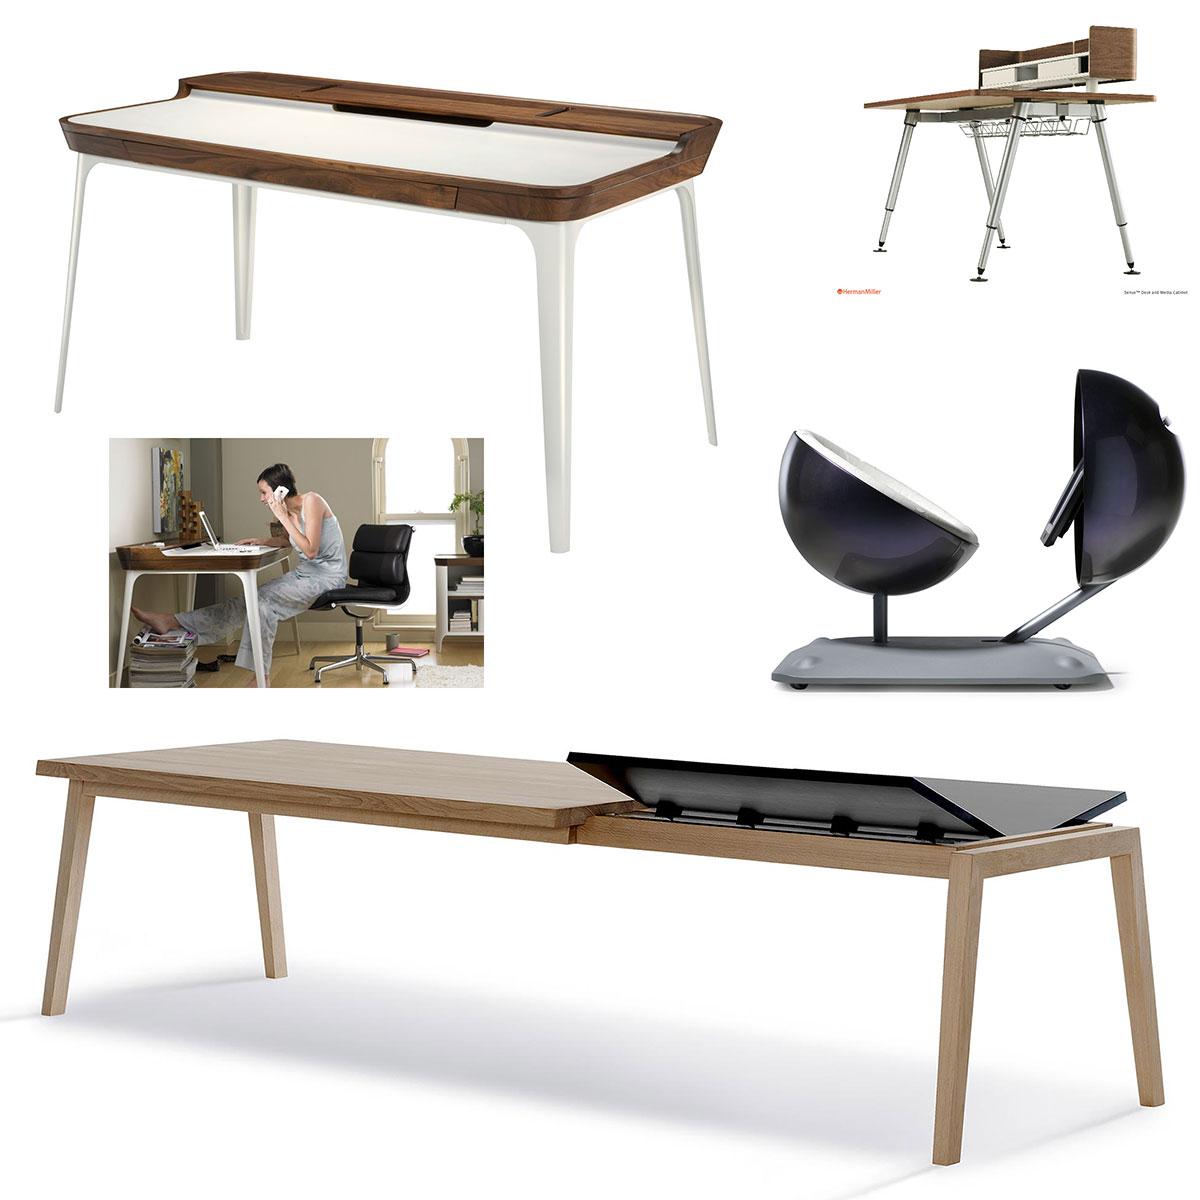 Clockwise: Herman Miller Airia Desk, Herman Miller Sense Desk, Michael van der Kley - The Globus Mobile Work Station, Strand + Hvass - SH-900 Extend Table.